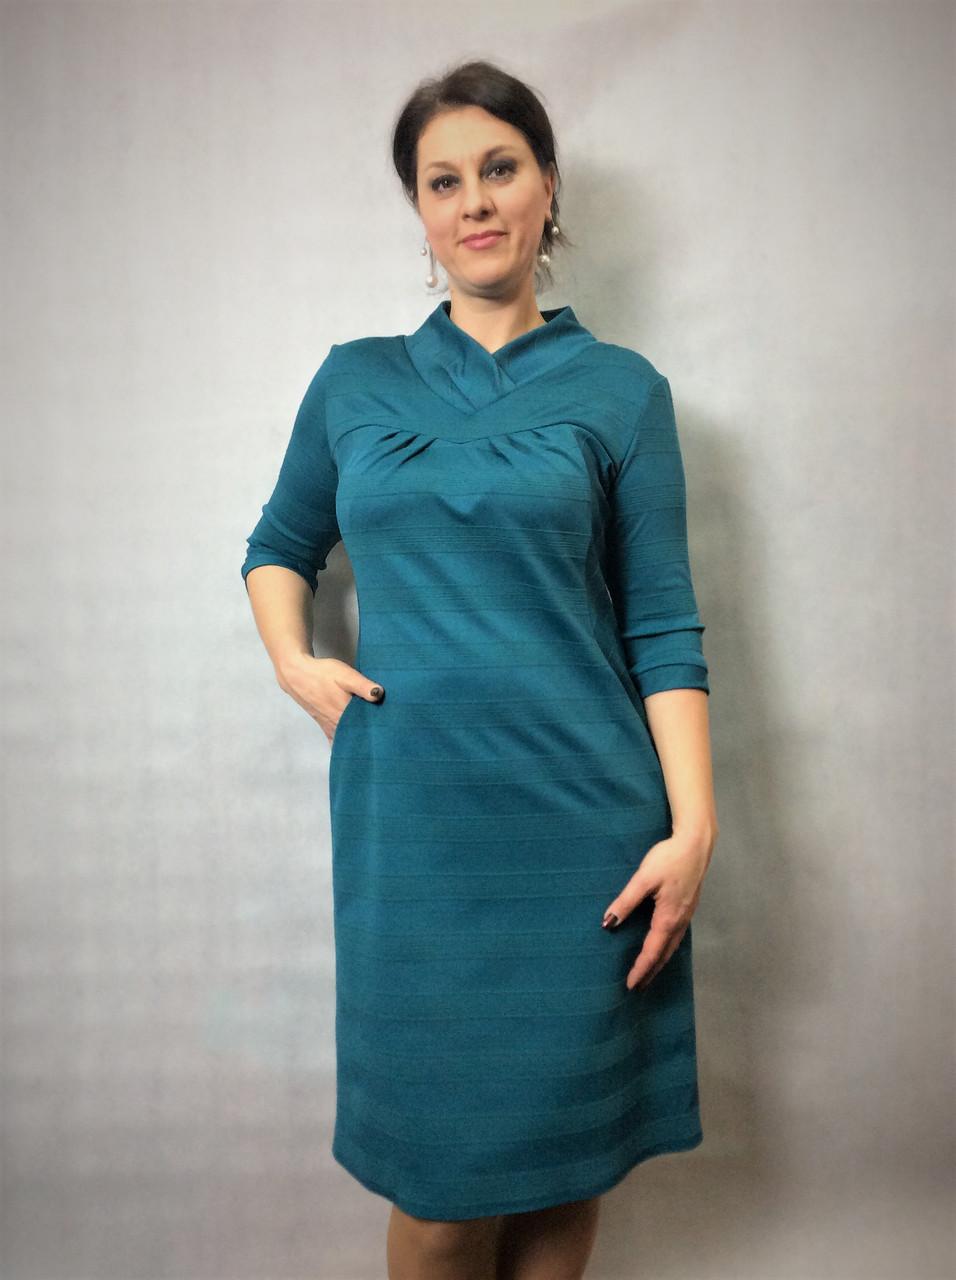 Бирюзовое платье с карманами П91 - 2 Льва ® в Киеве 2c65c07f81289